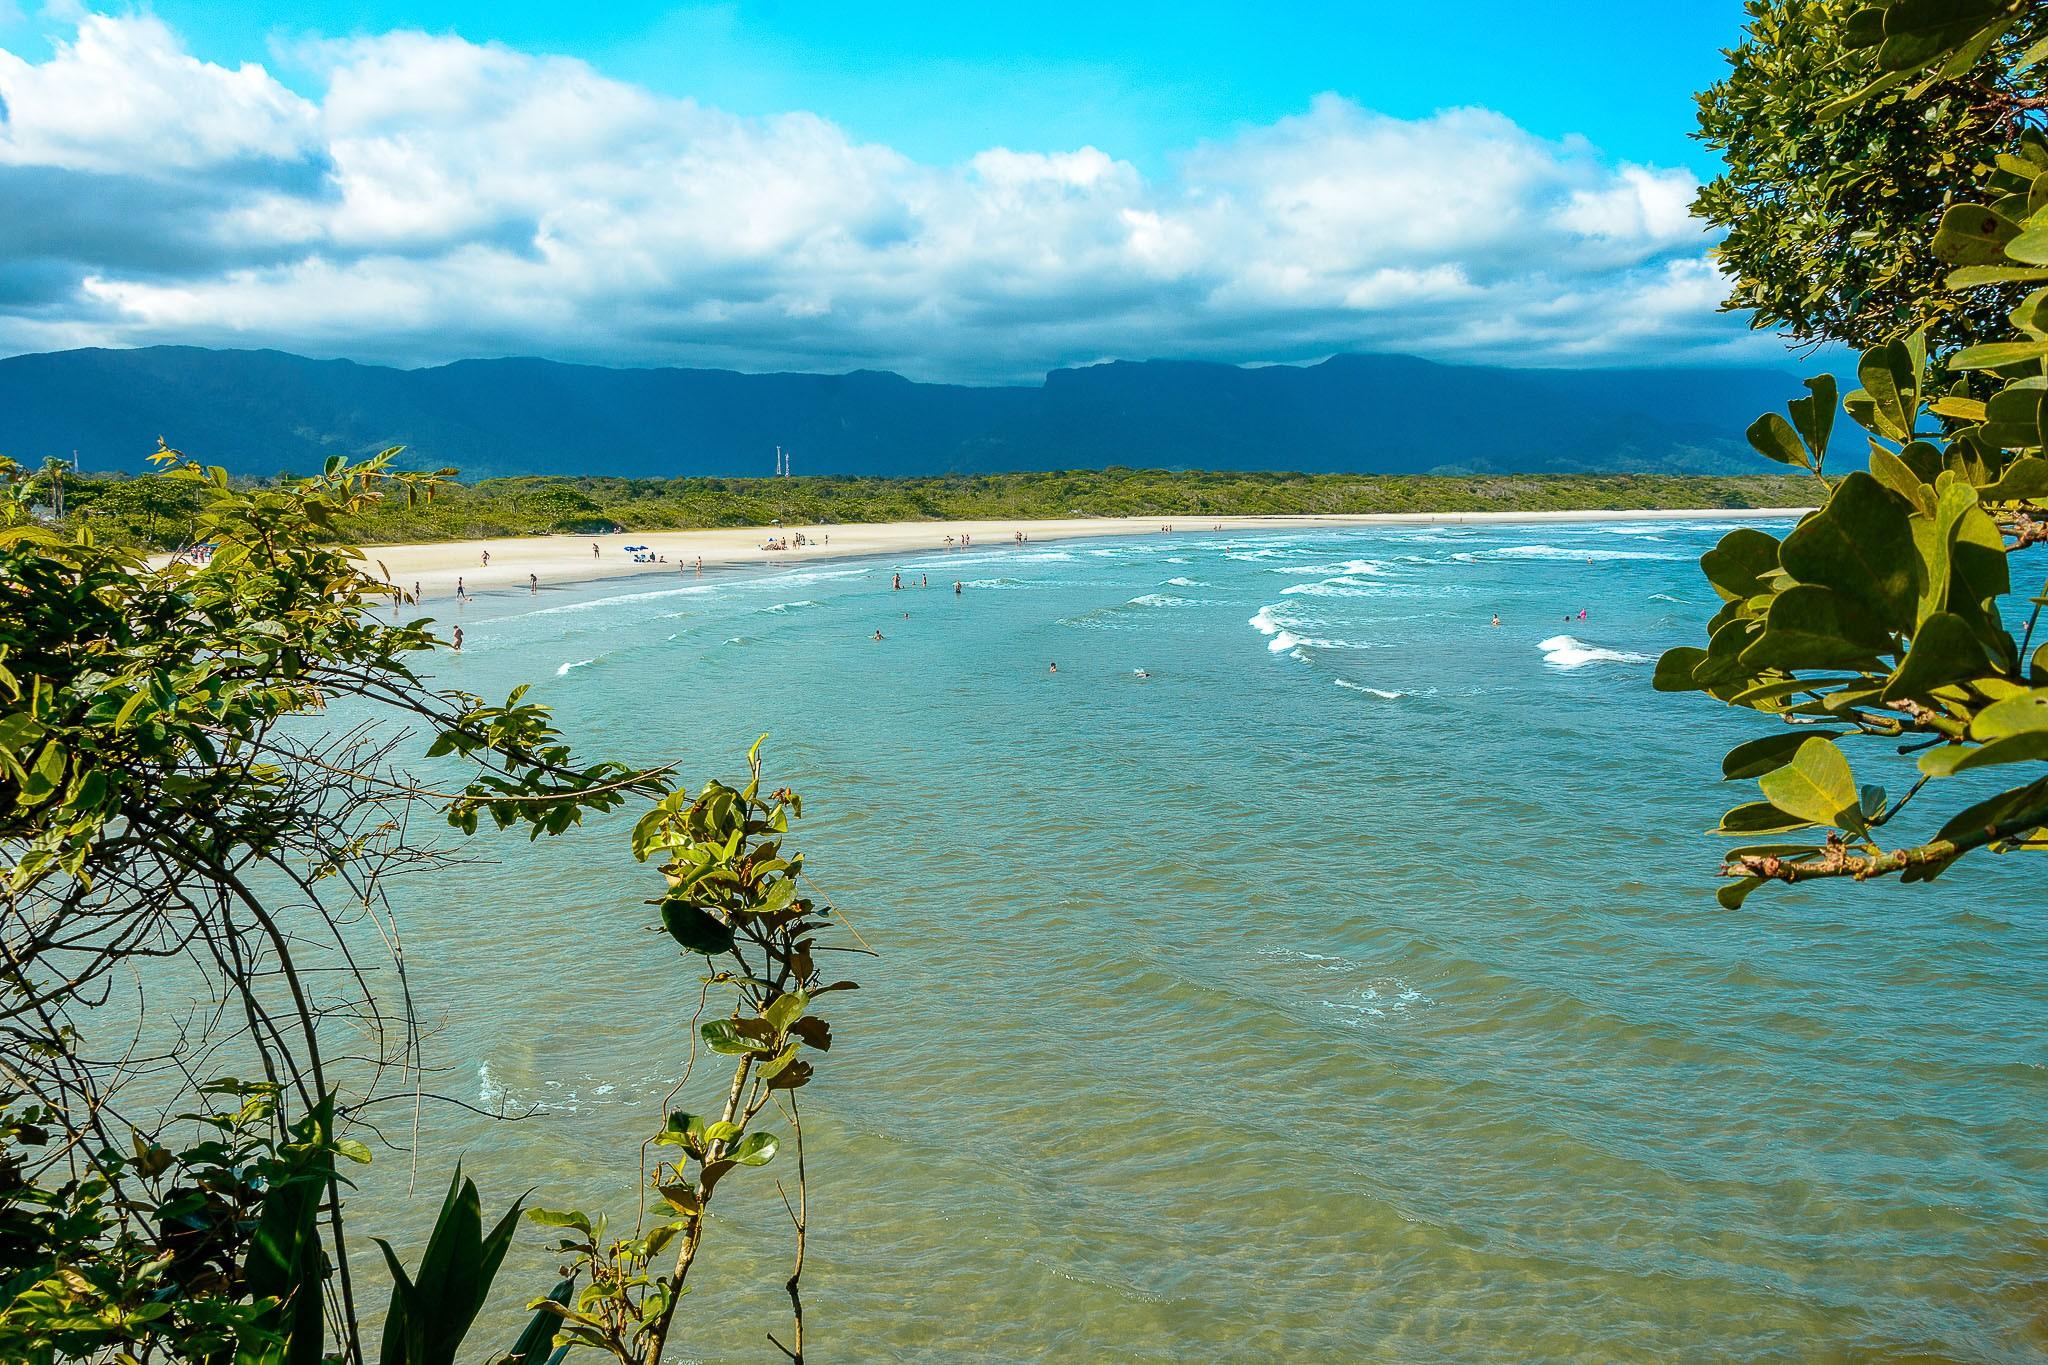 Turista desaparece após entrar no mar sozinho em praia do litoral de SP